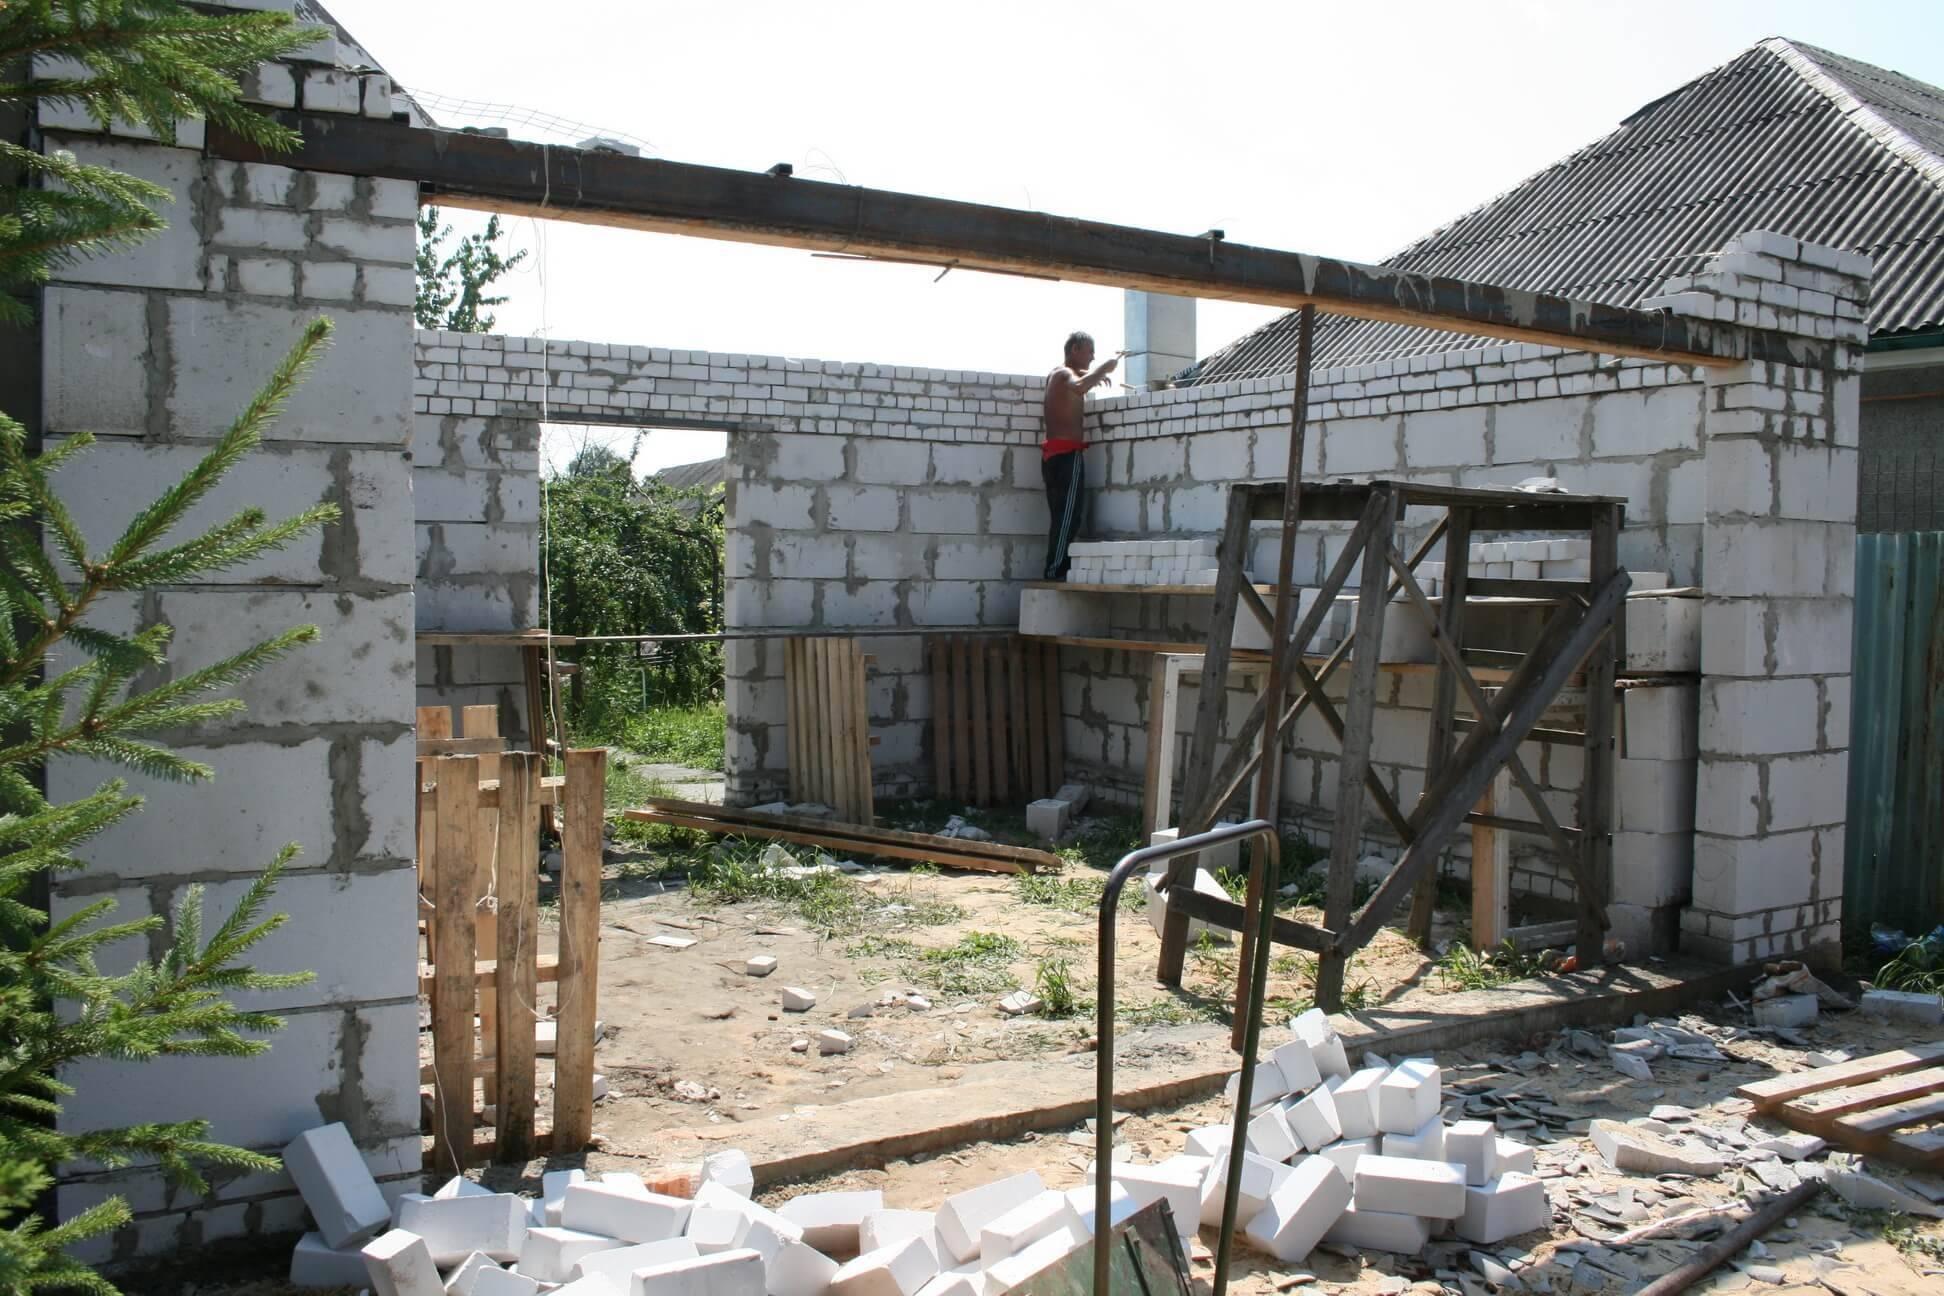 Строительные калькуляторы: расчёт строительных материалов онлайн | perpendicular.pro